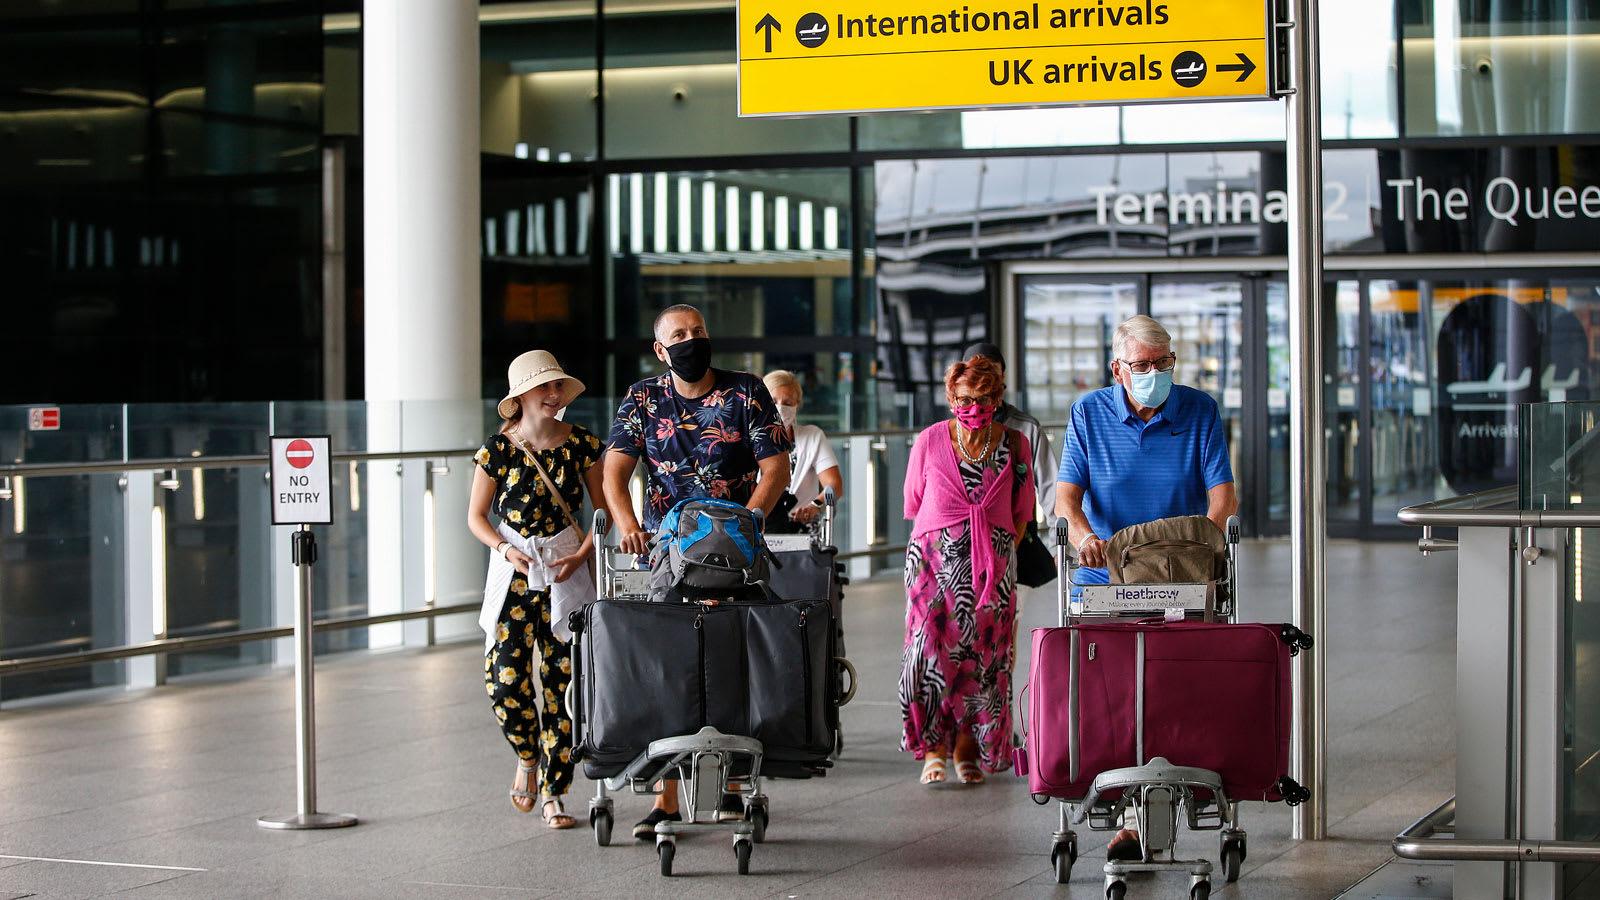 آلاف السائحين البريطانيين يهرعون عائدين لبلادهم خشية قيود الحجر الصحي الجديدة